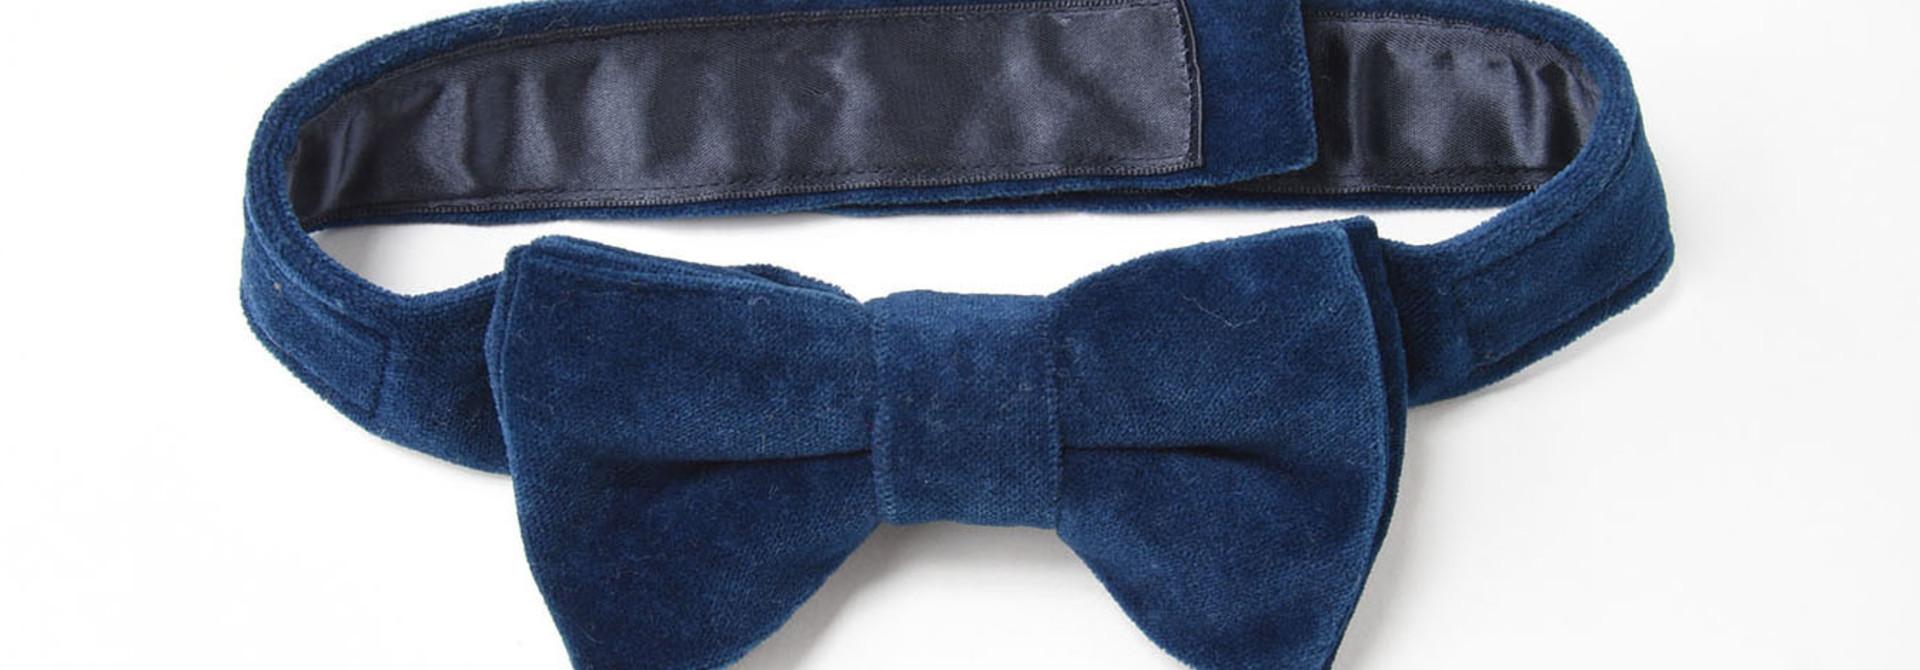 Indigo Velveteen Bow Tie